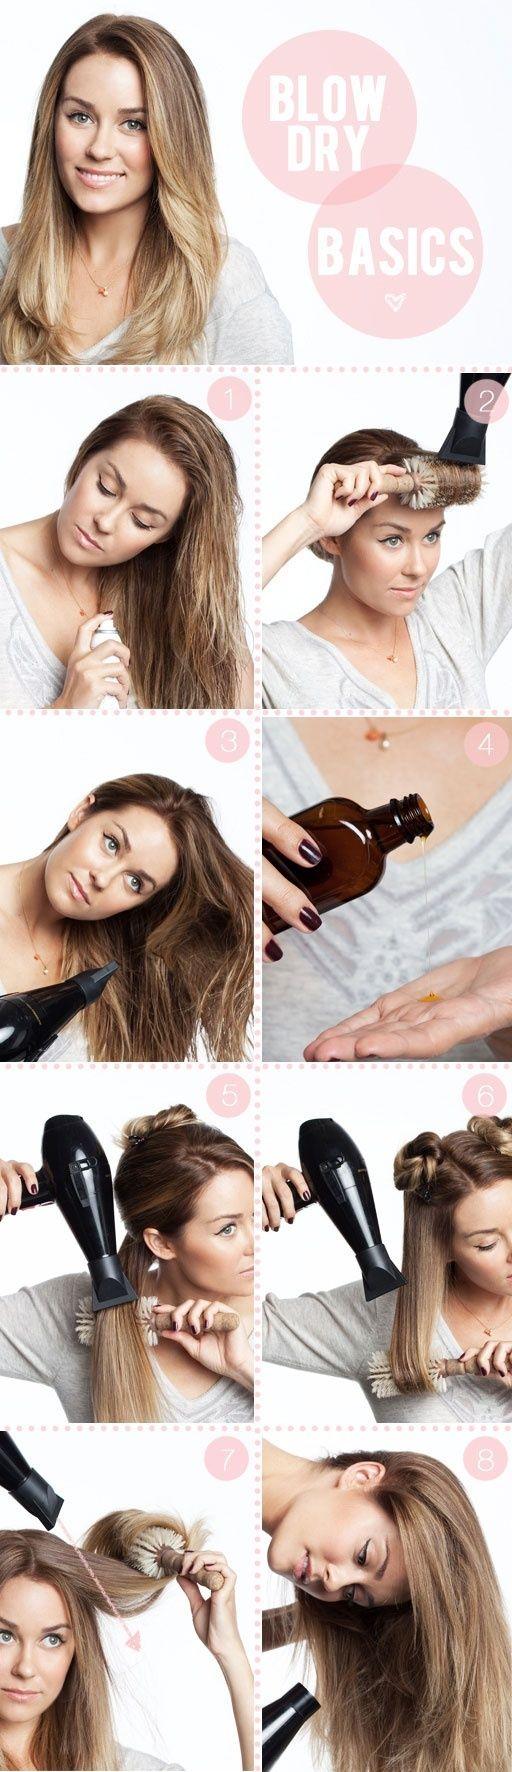 """Eu adoro o blog The Beauty Department., lá sempre encontro boas ideias de maquiagem, cabelo, penteados… Tudo de uma maneira simples e fácil. De lá, um """"how to"""" aparentemente descomplicado de como fazer escova em cabelo longo. É só prestar atenção nas fotos e… voilà! Quem """"leva jeito"""" vai fazer fácil, fácil. Agora uma dica …"""